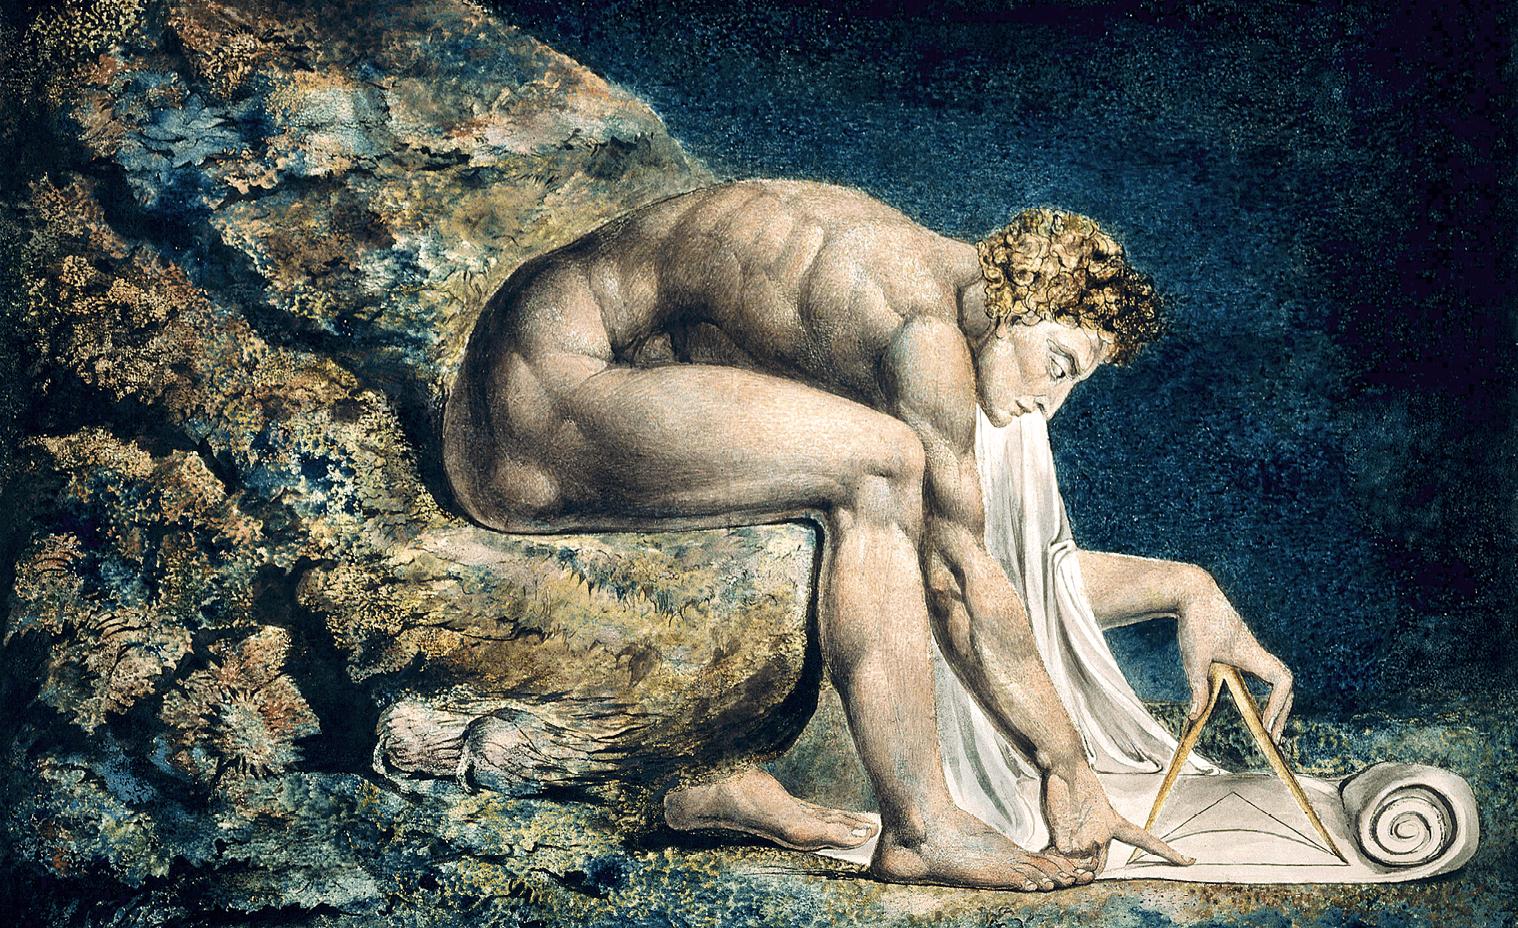 William Blake, Newton, 1795